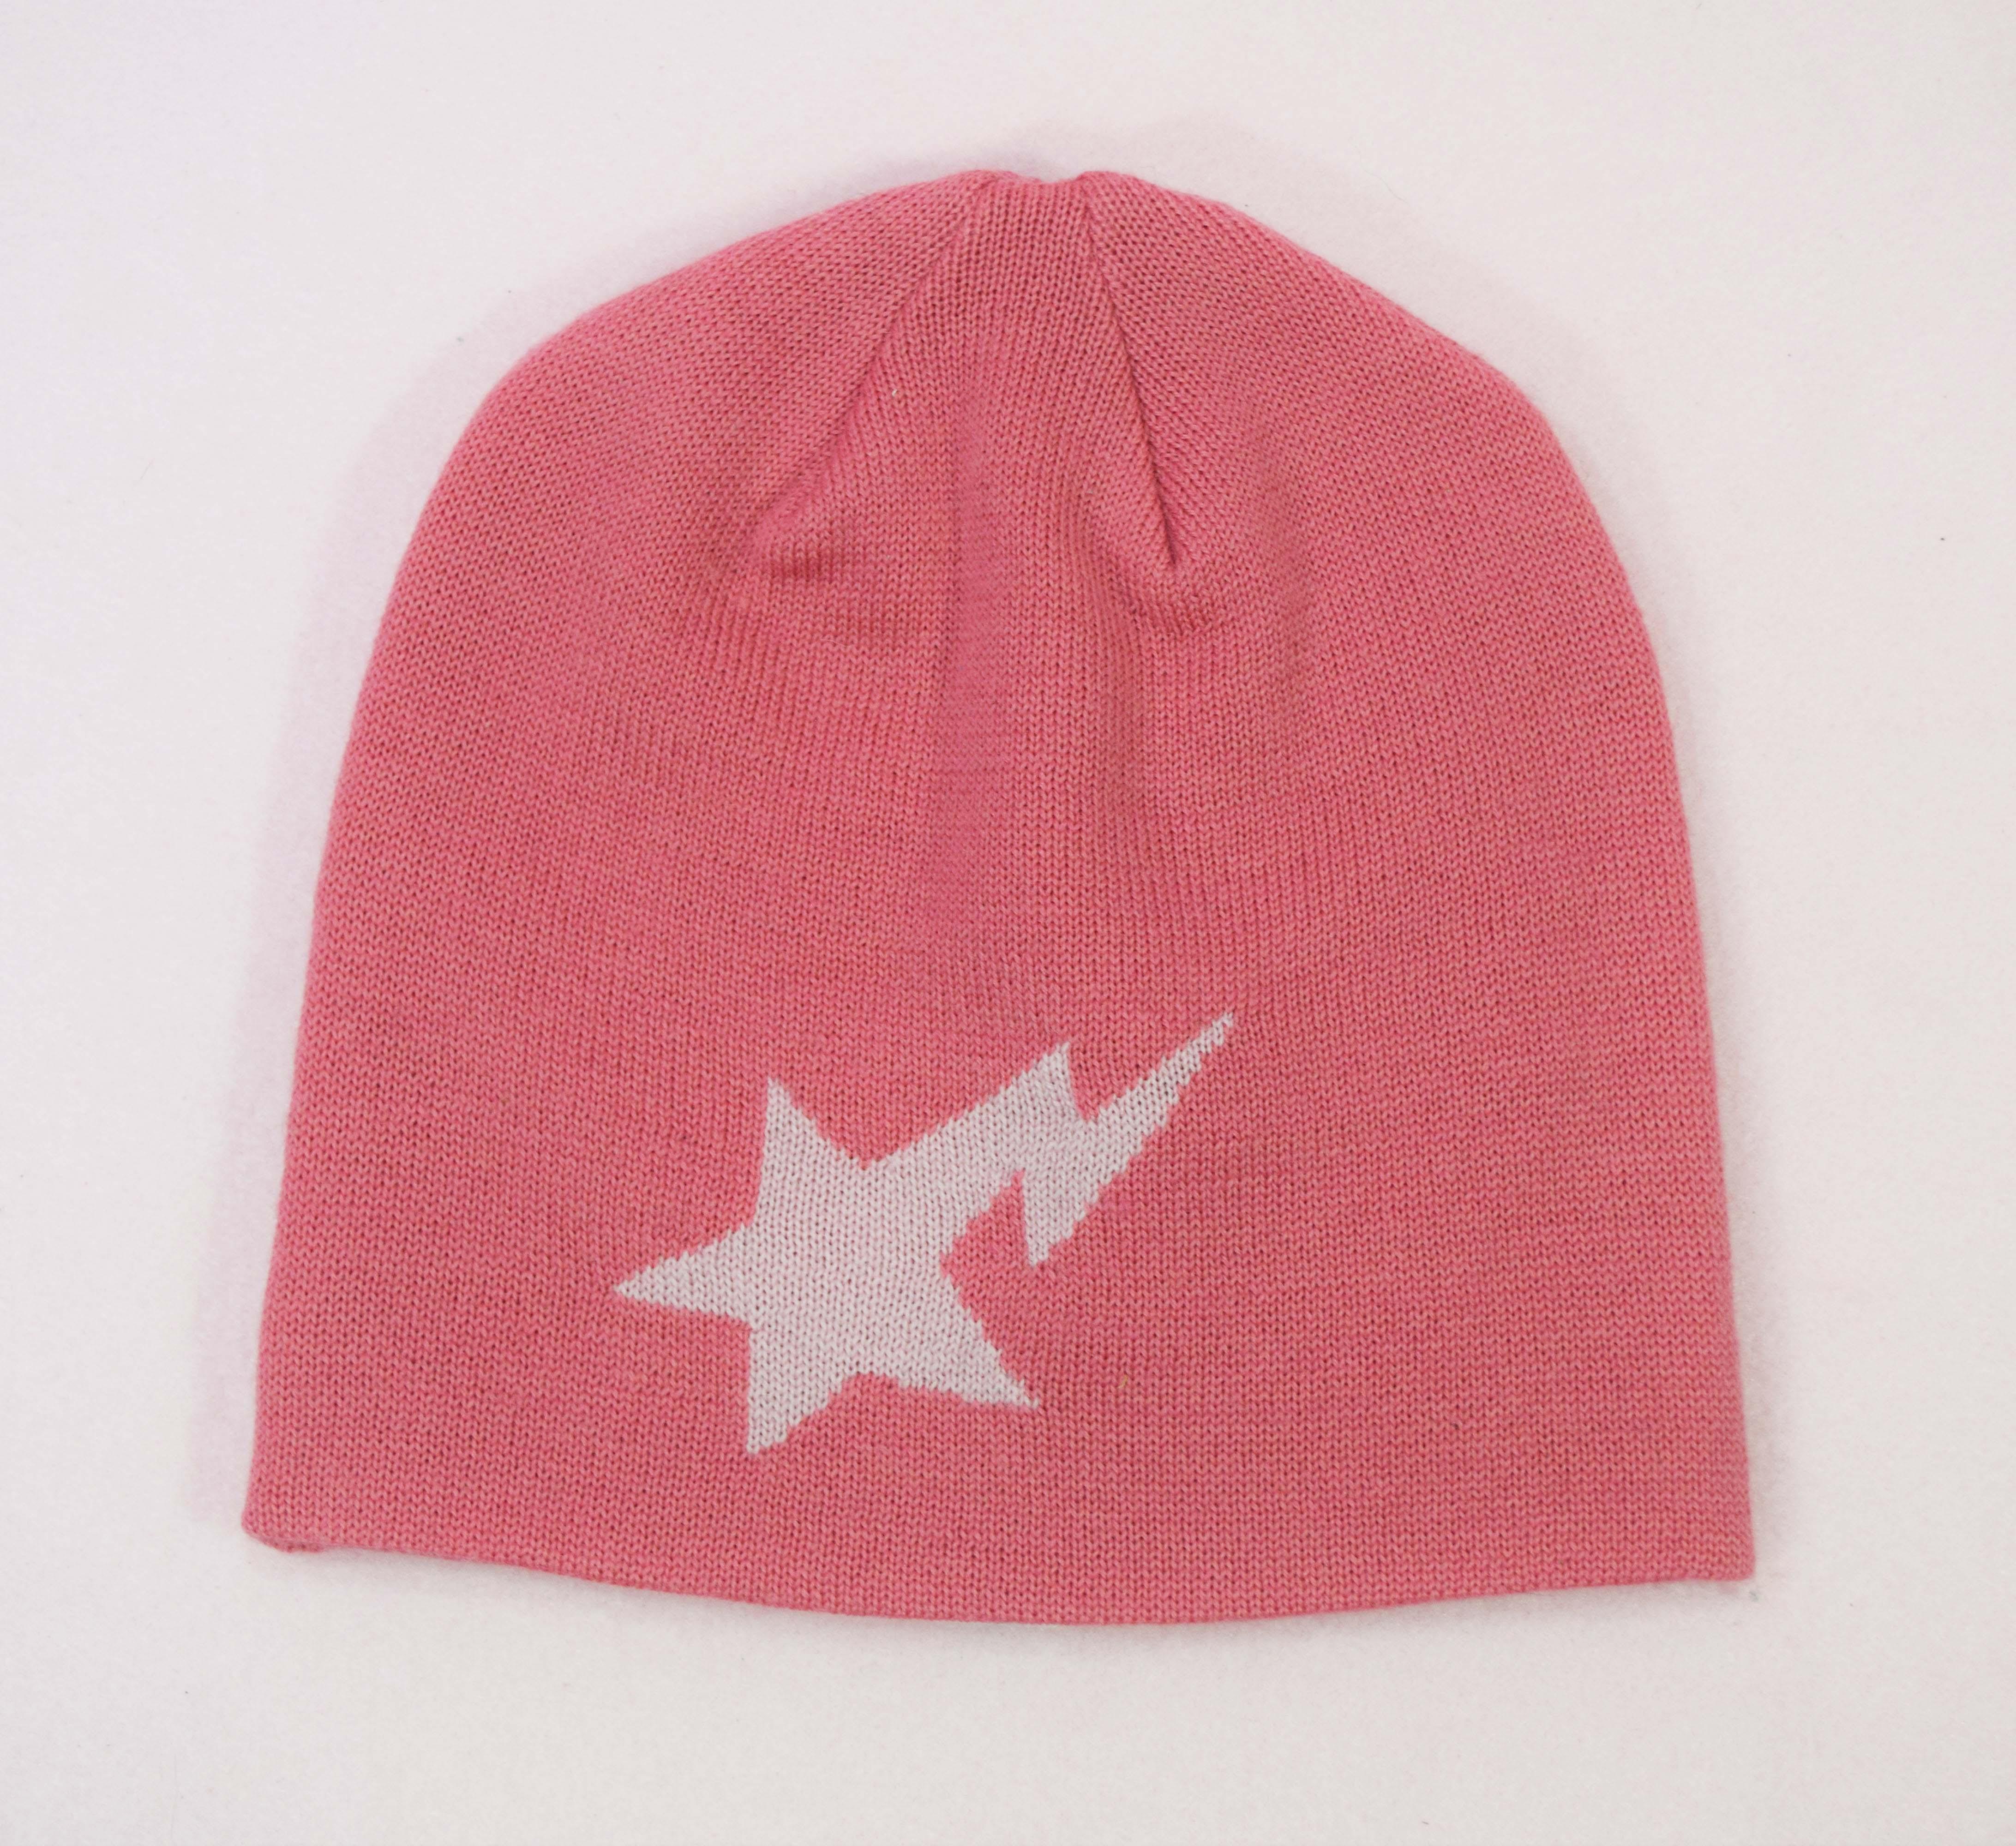 386633eb25e8 Bape Og Bapesta Pink Beanie Skull Cap